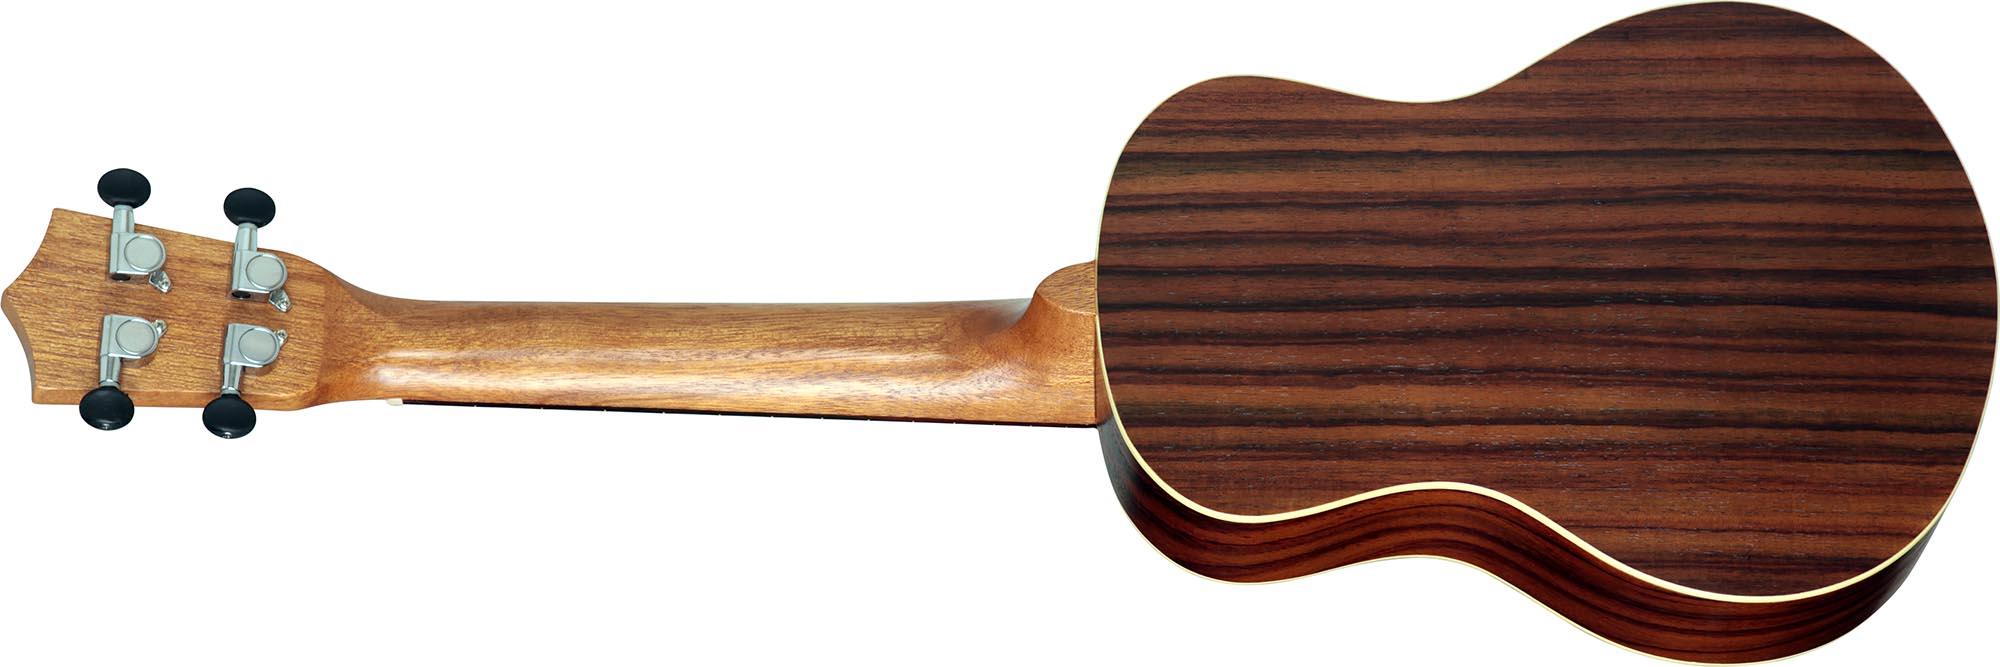 su25re ukulele tenor eletroacustico shelby su25re stnt jacaranda acetinado visao posterior